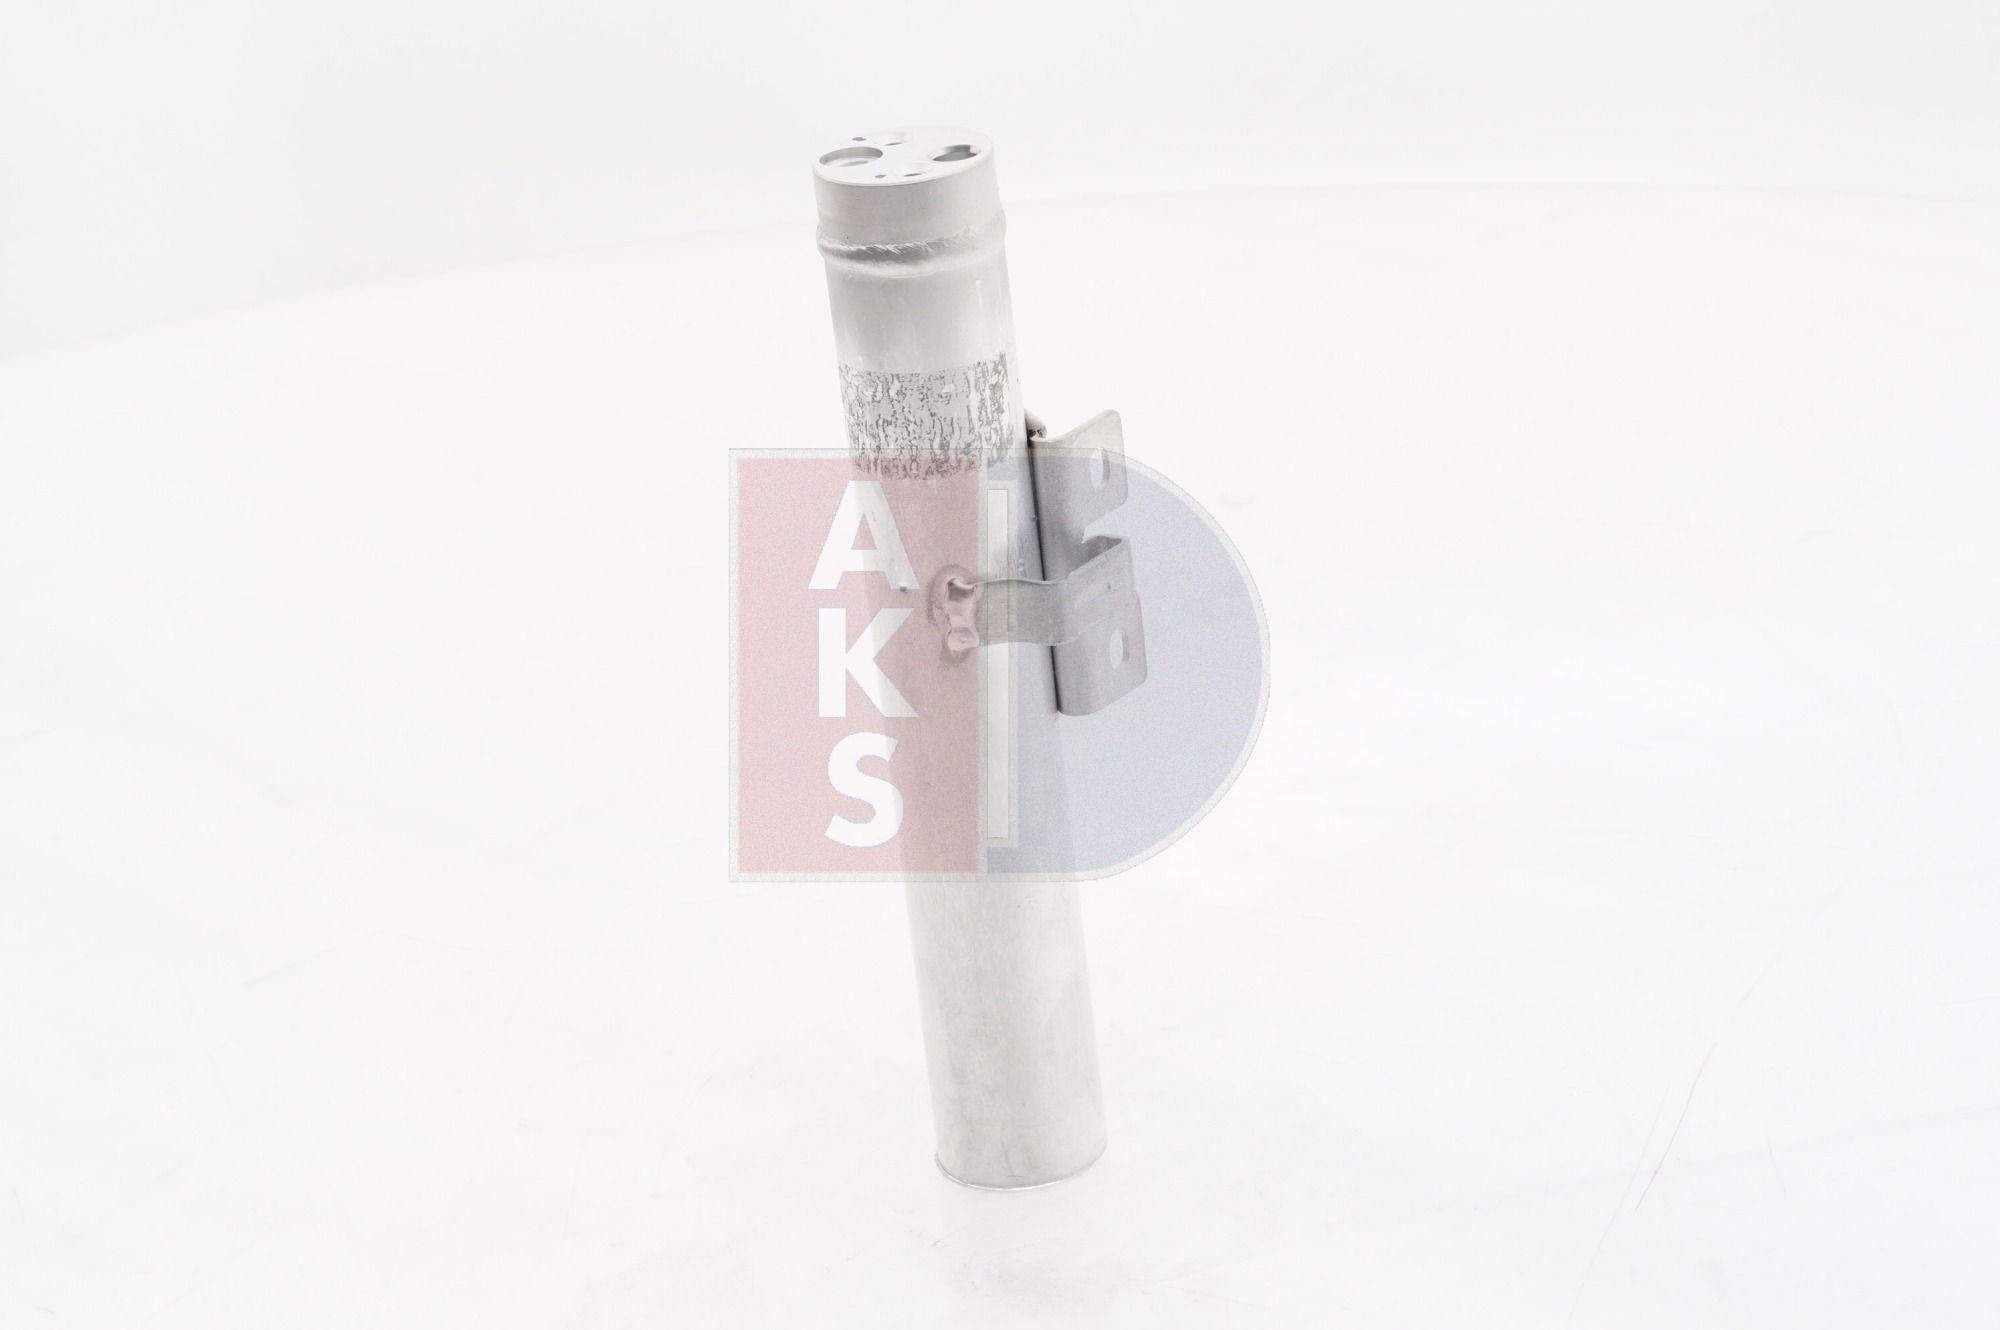 800623N Trockner AKS DASIS 800623N - Große Auswahl - stark reduziert